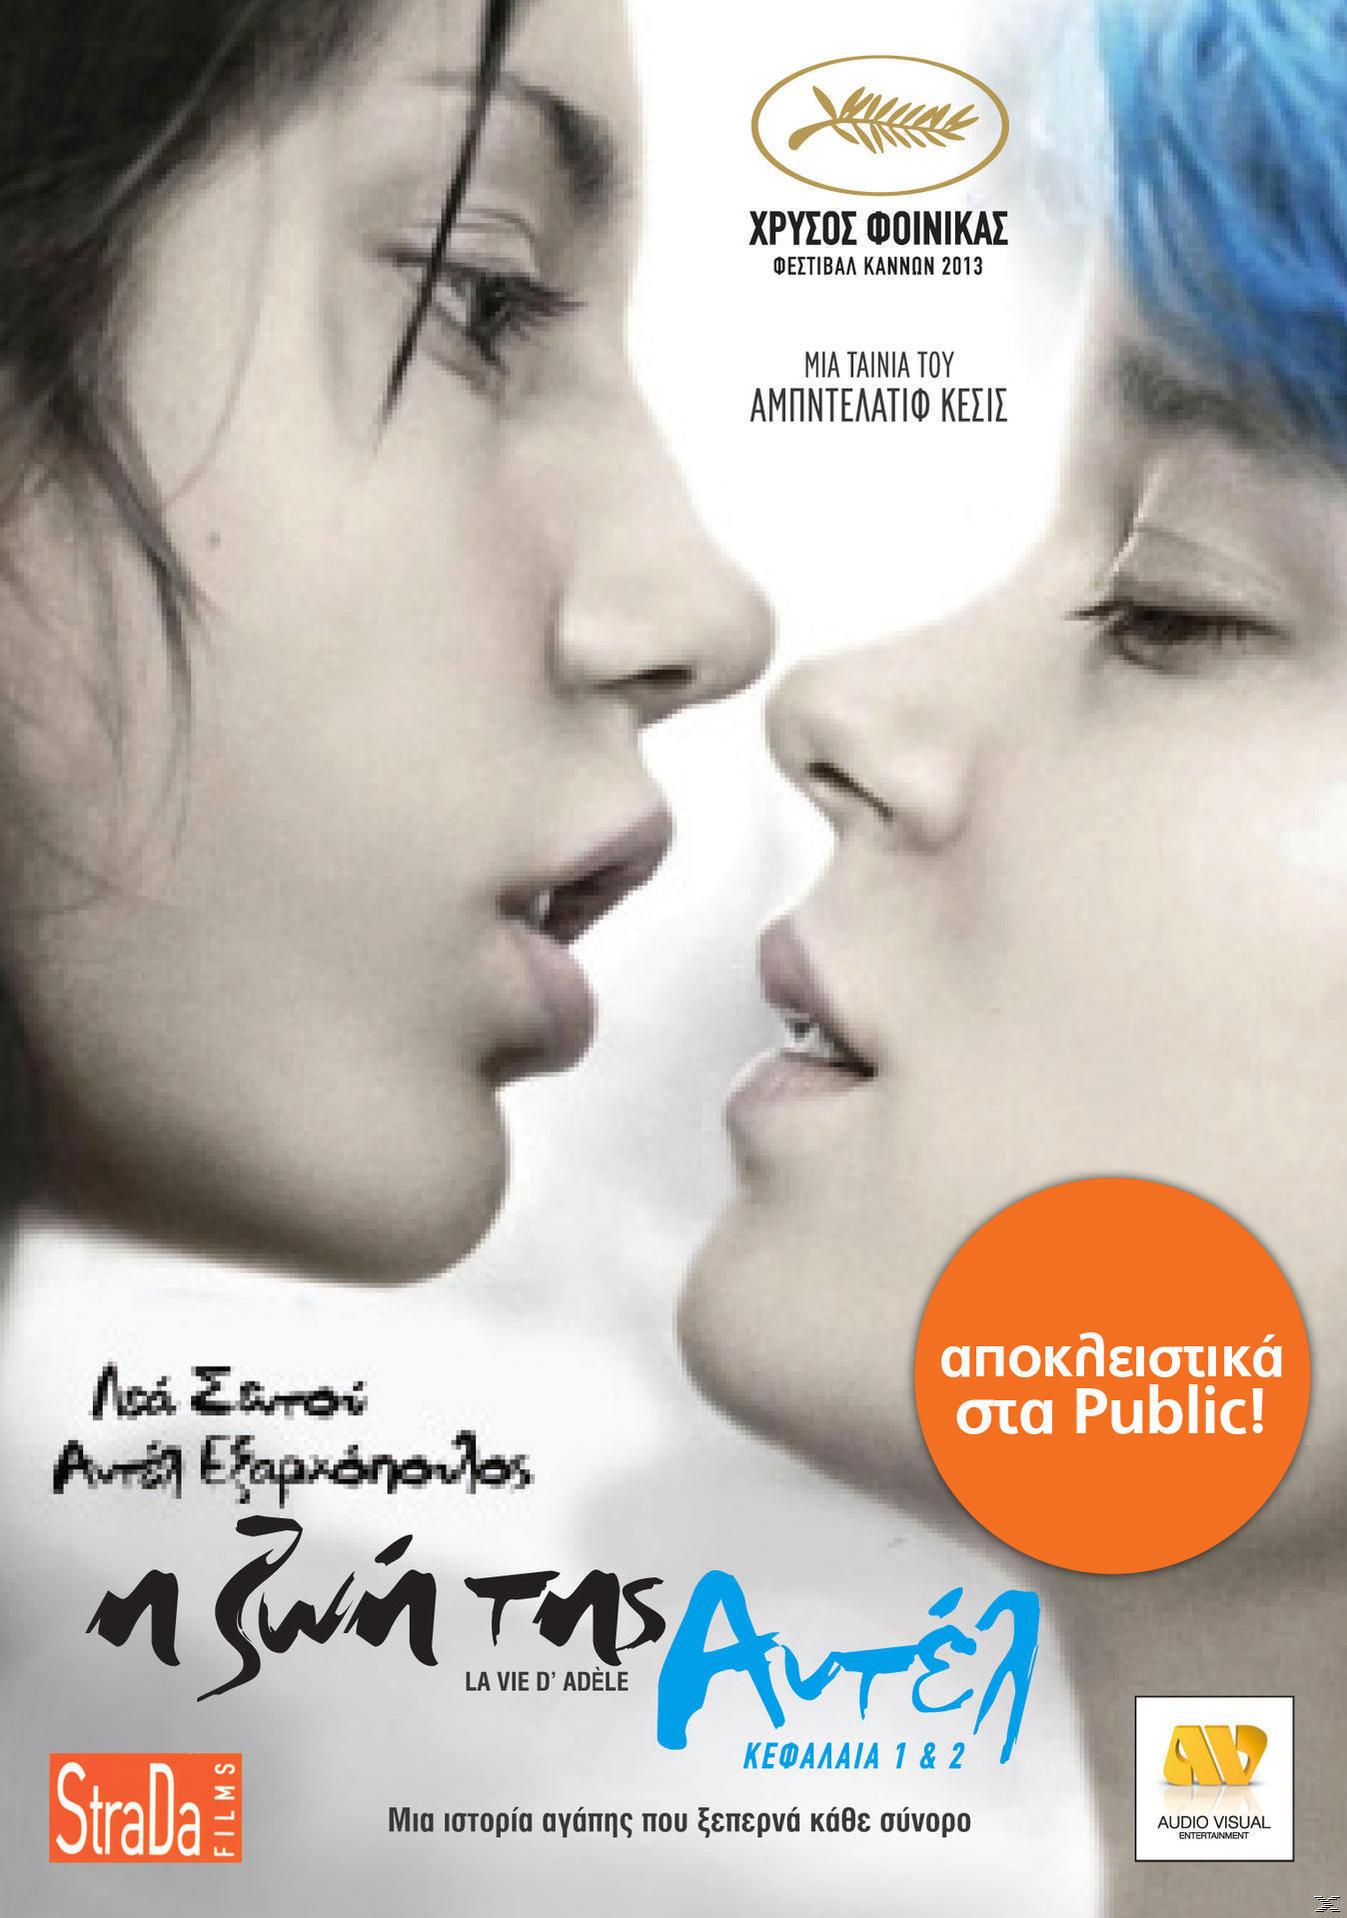 Η Ζωή της Αντέλ σε DVD: Μια ωδή στον έρωτα!